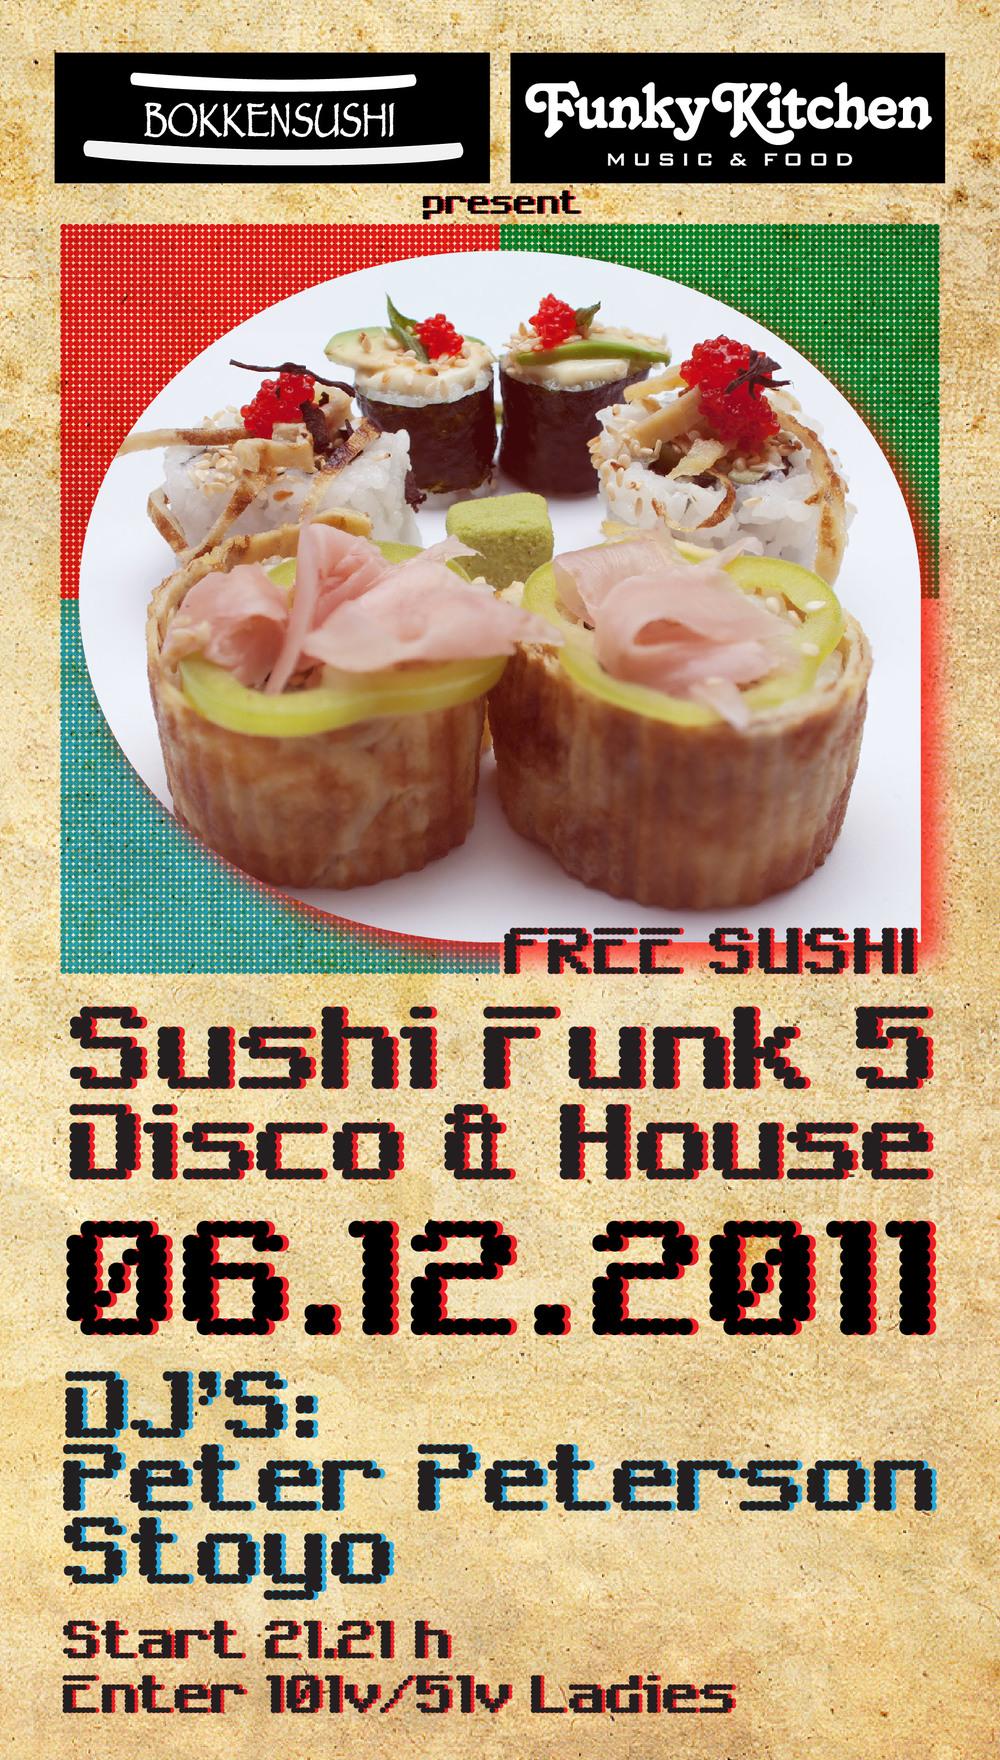 SushiFunk Disco&House-01.jpg